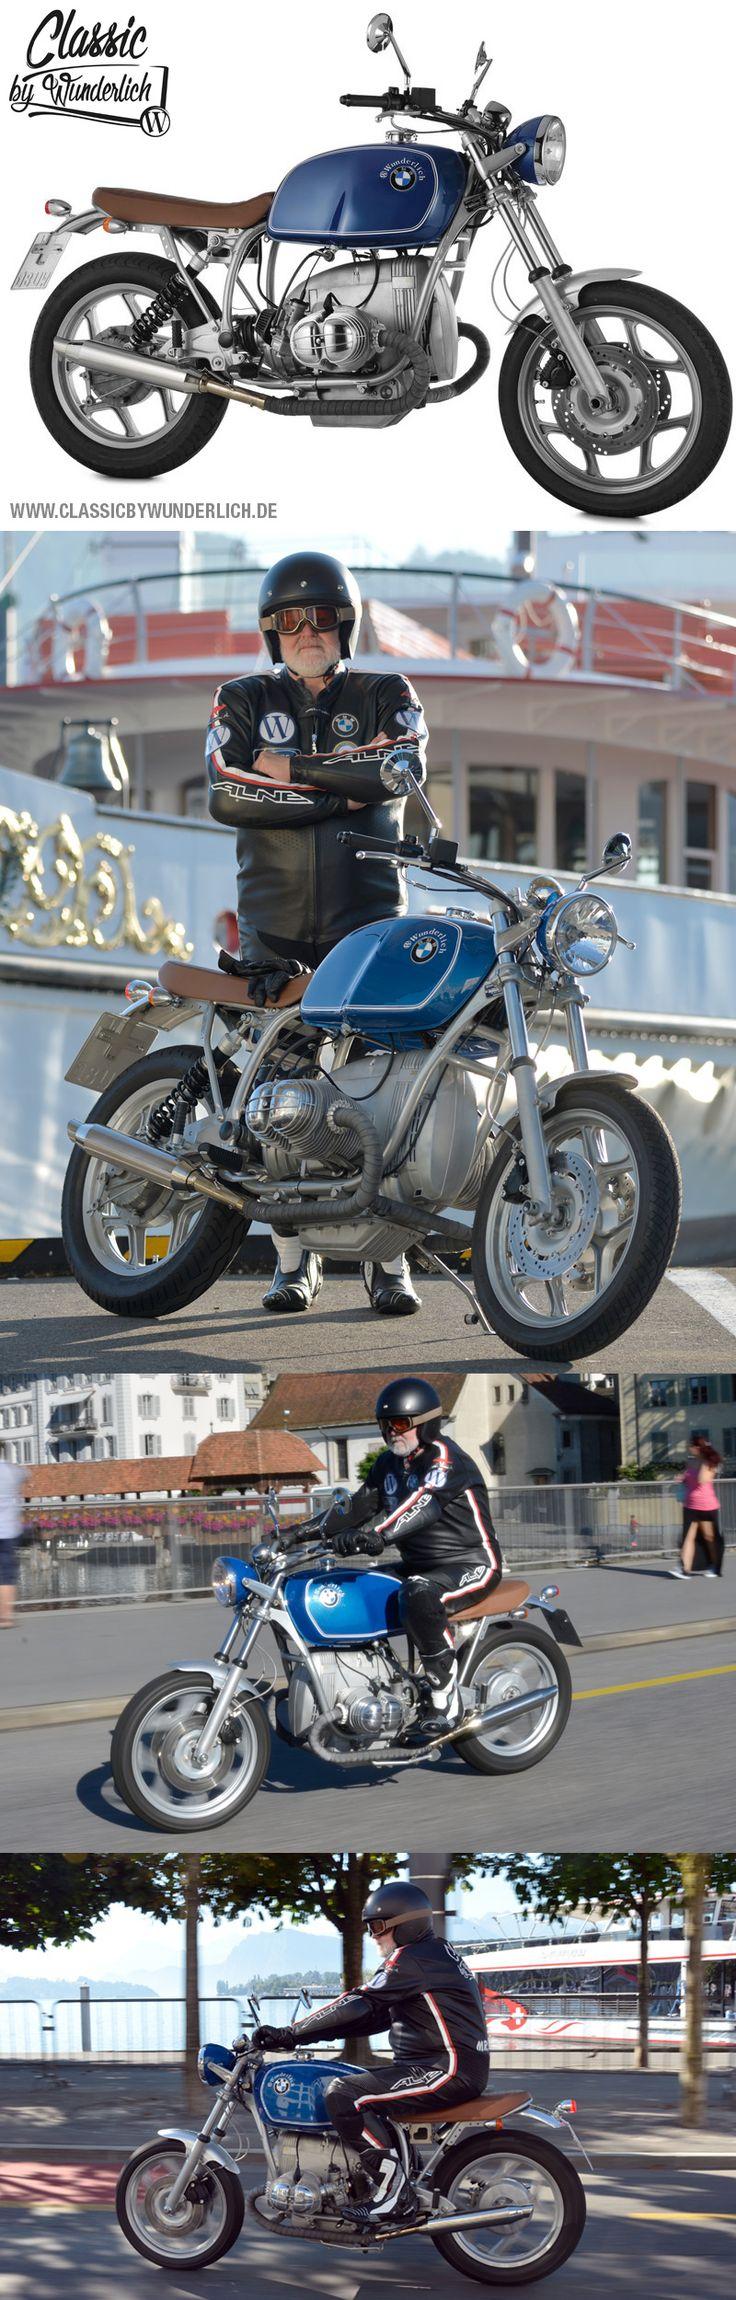 Wunderlich La Belle Bleu   Auf Basis einer BMW R 80 RT (Monolever) hat Wunderlich ein bildschönes, klassisches Motorrad mit herausragendem Handling auf die Räder gestellt.